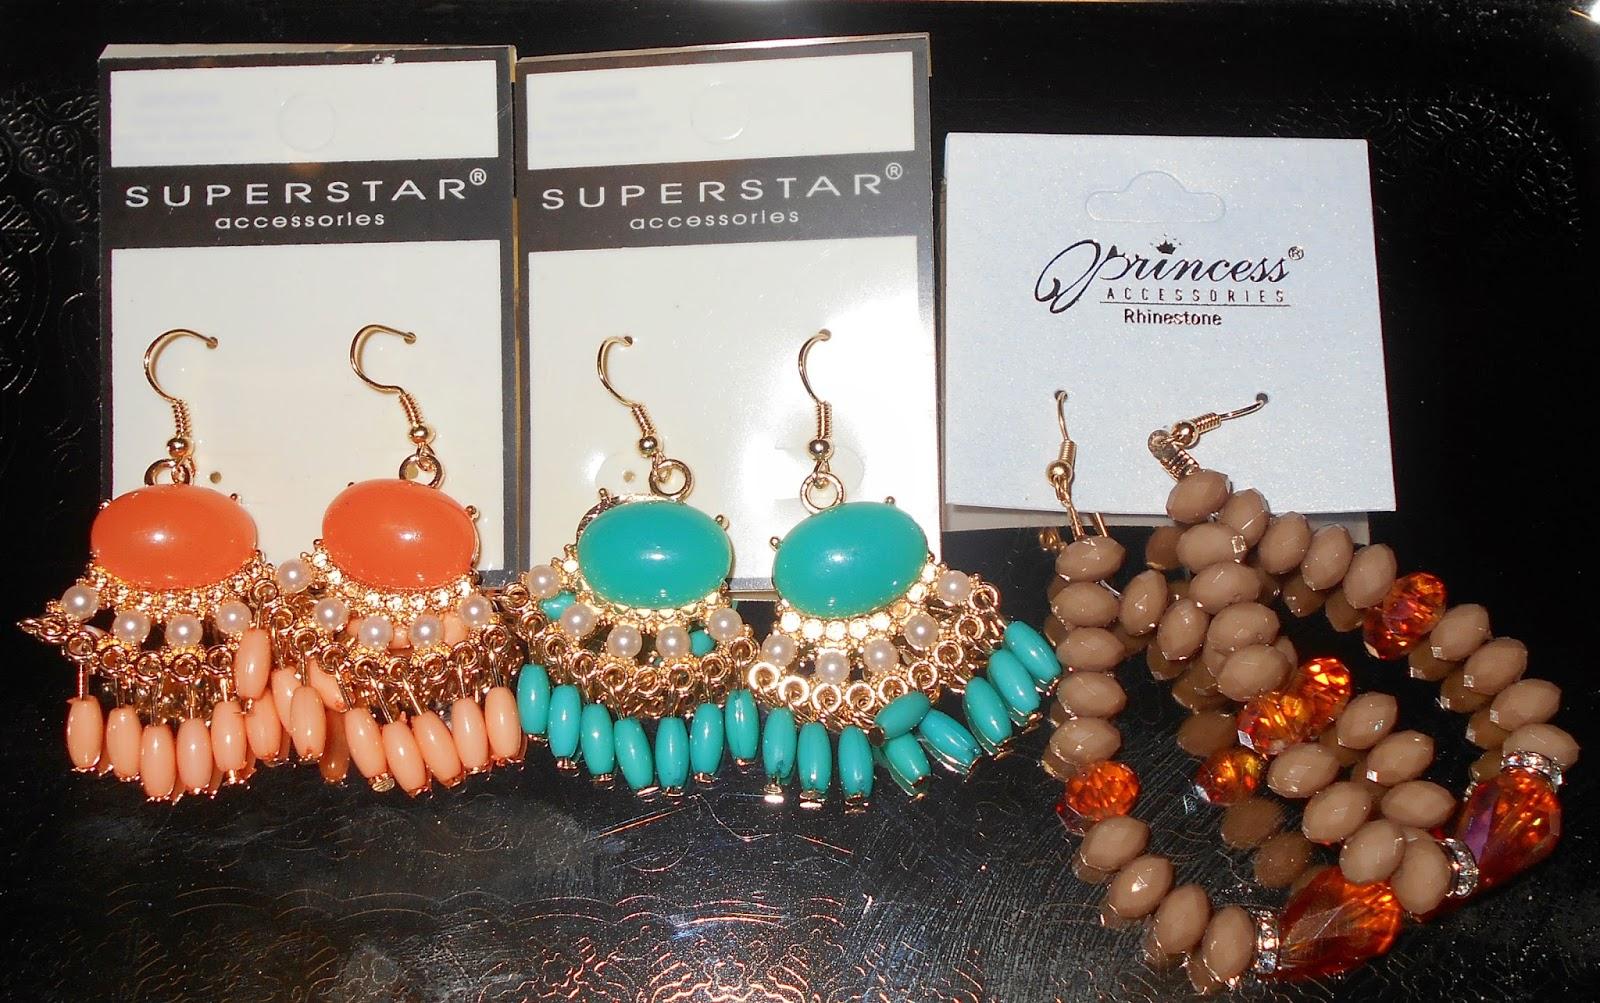 Shopmissa.com